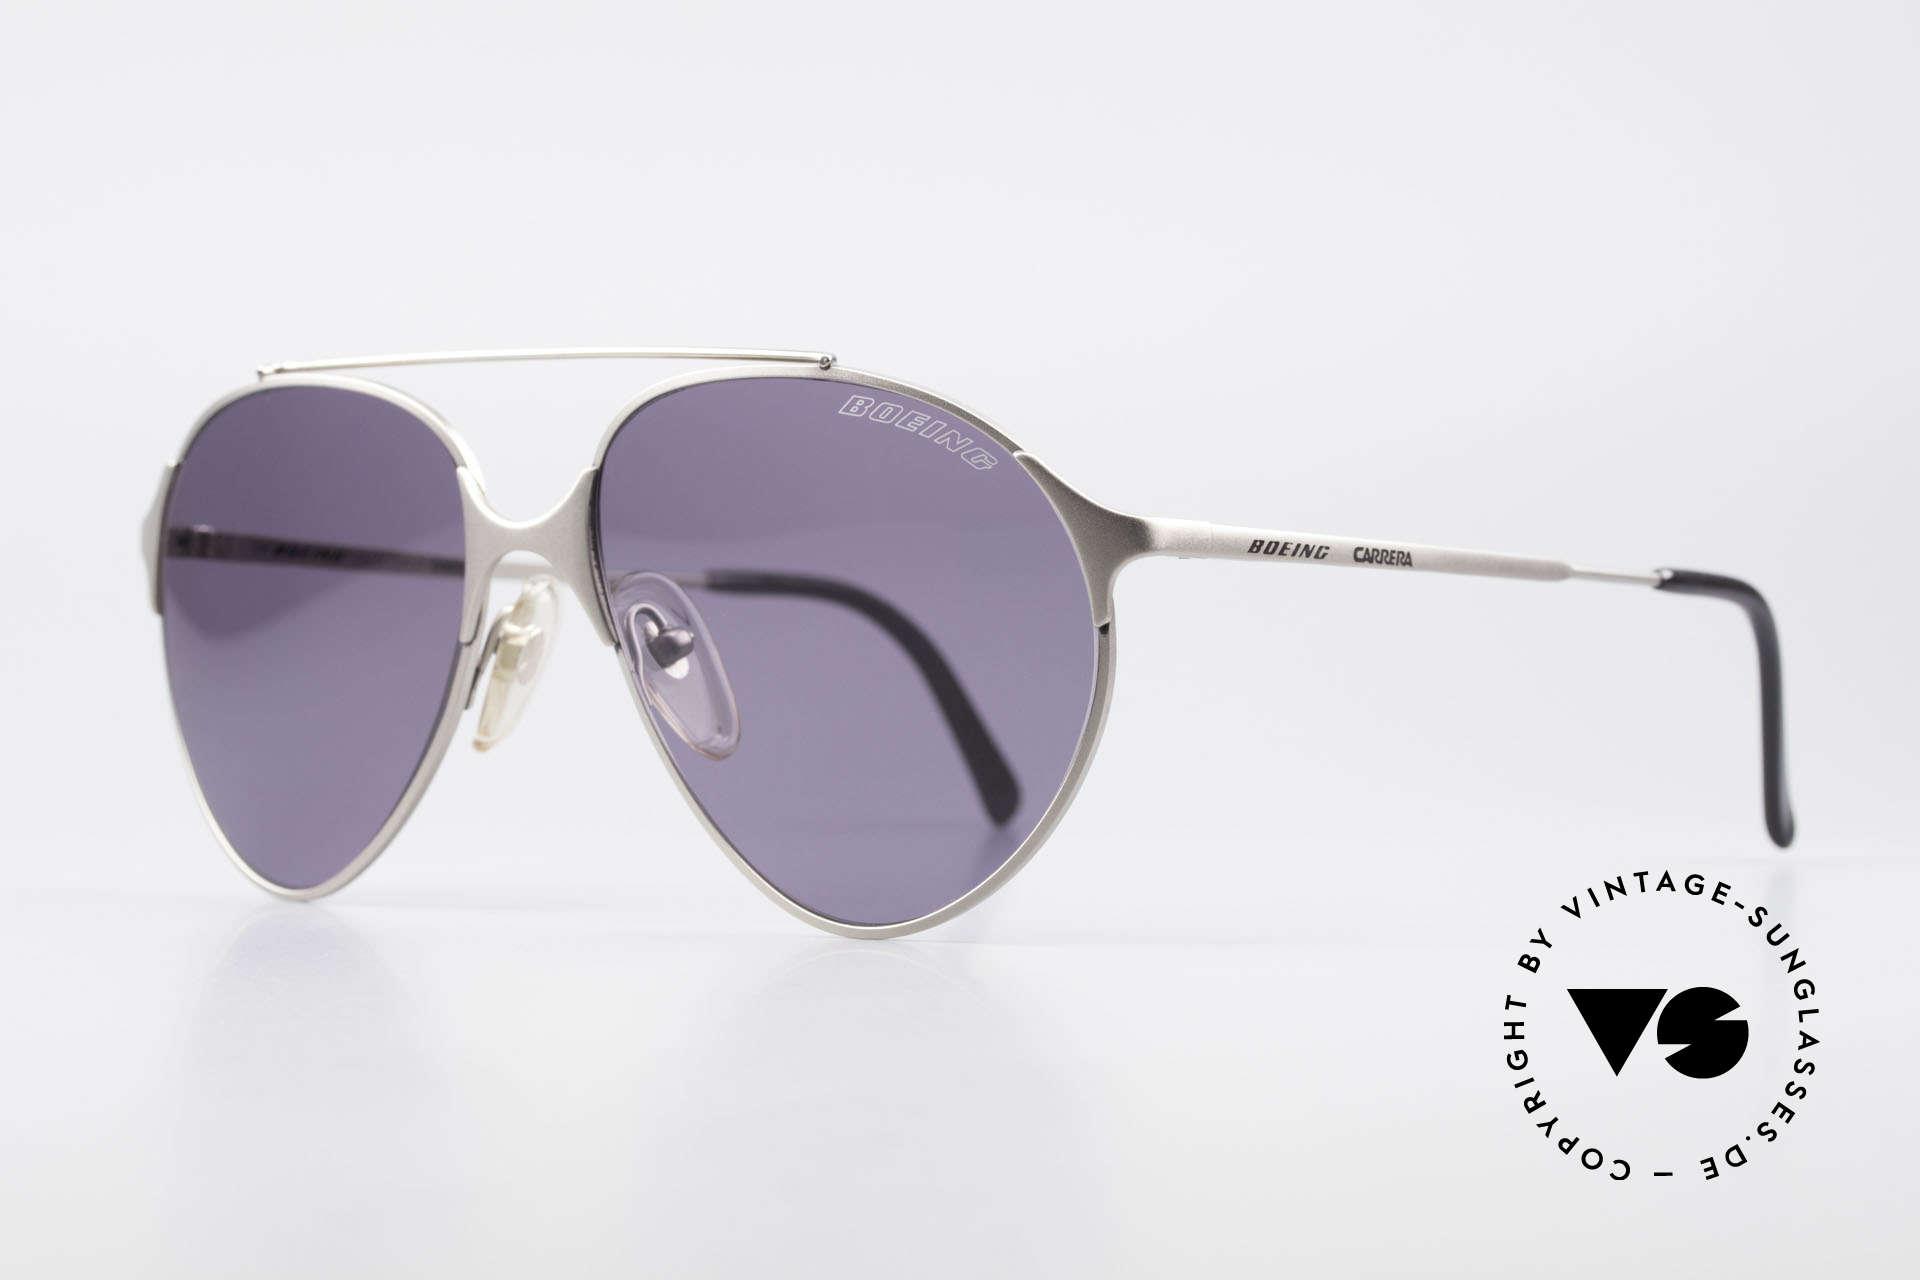 Boeing 5710 Titanium Aviator Brille 90er, Top Verarbeitung und hochwertige Gläser (100% UV), Passend für Herren